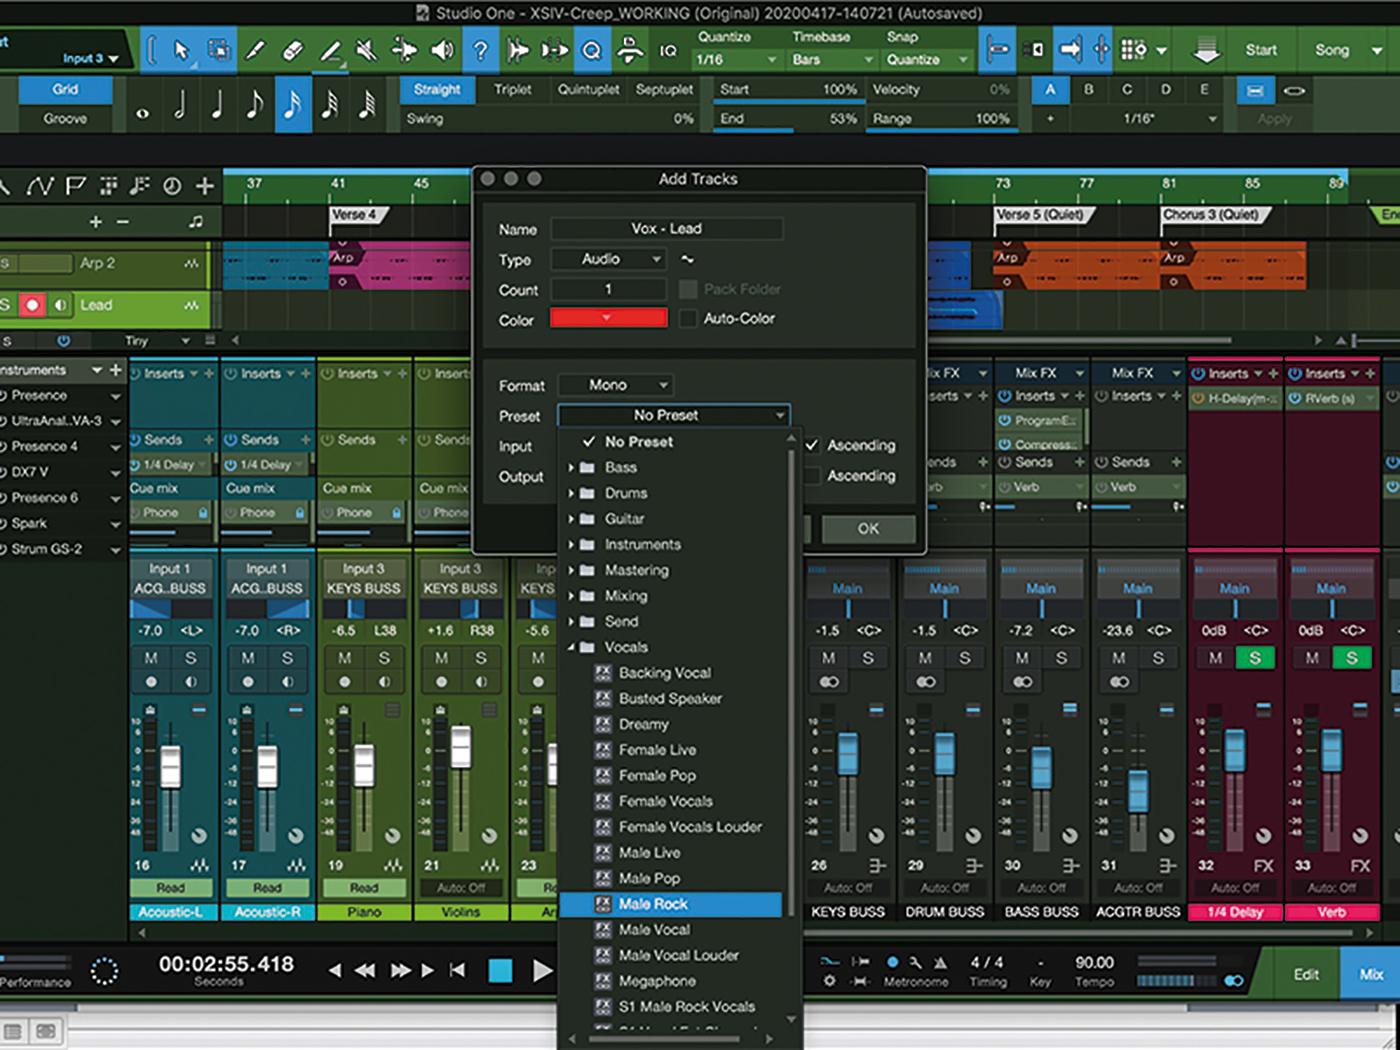 MT207 Studio One Recording Vocals 6